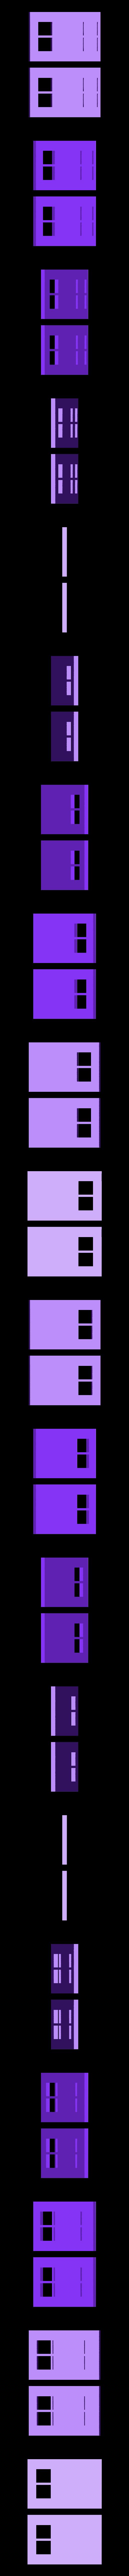 LH_hexa_tueren084.stl Télécharger fichier STL gratuit Phare • Modèle pour impression 3D, jteix